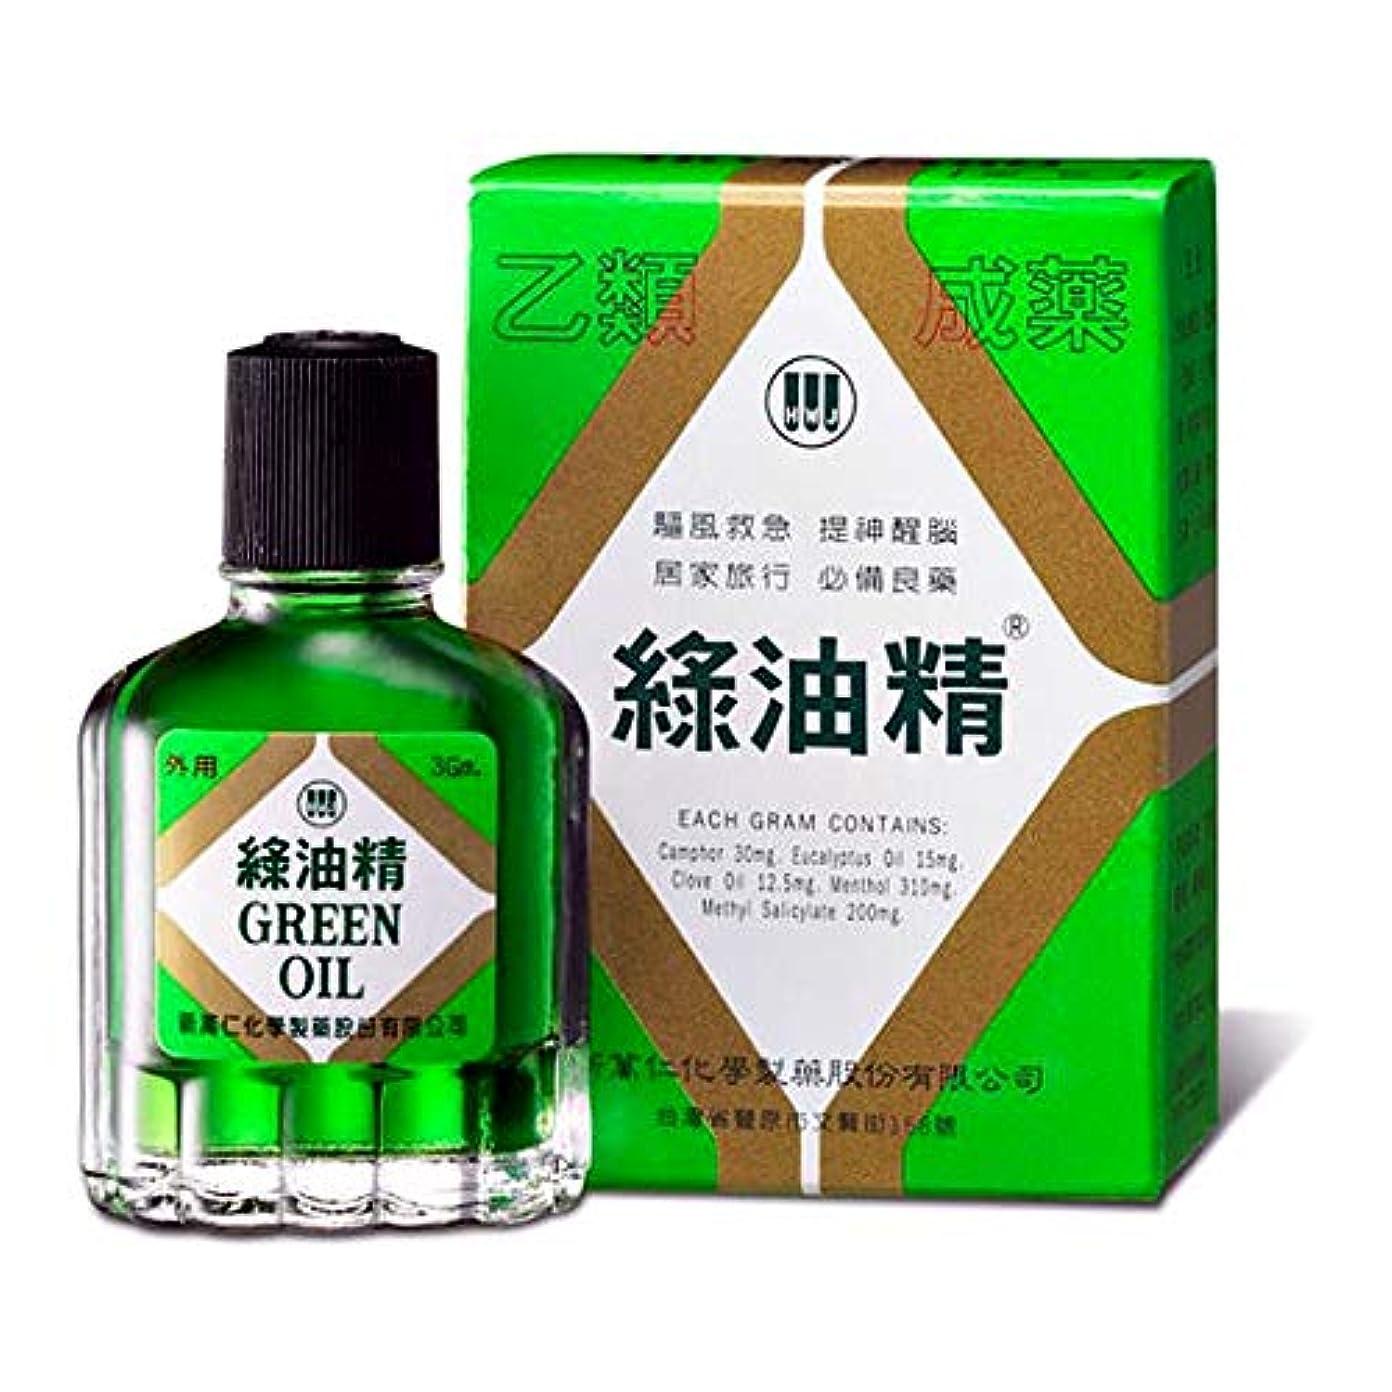 取り除くライナー潜在的な《新萬仁》台湾の万能グリーンオイル 緑油精 3g 《台湾 お土産》 [並行輸入品]